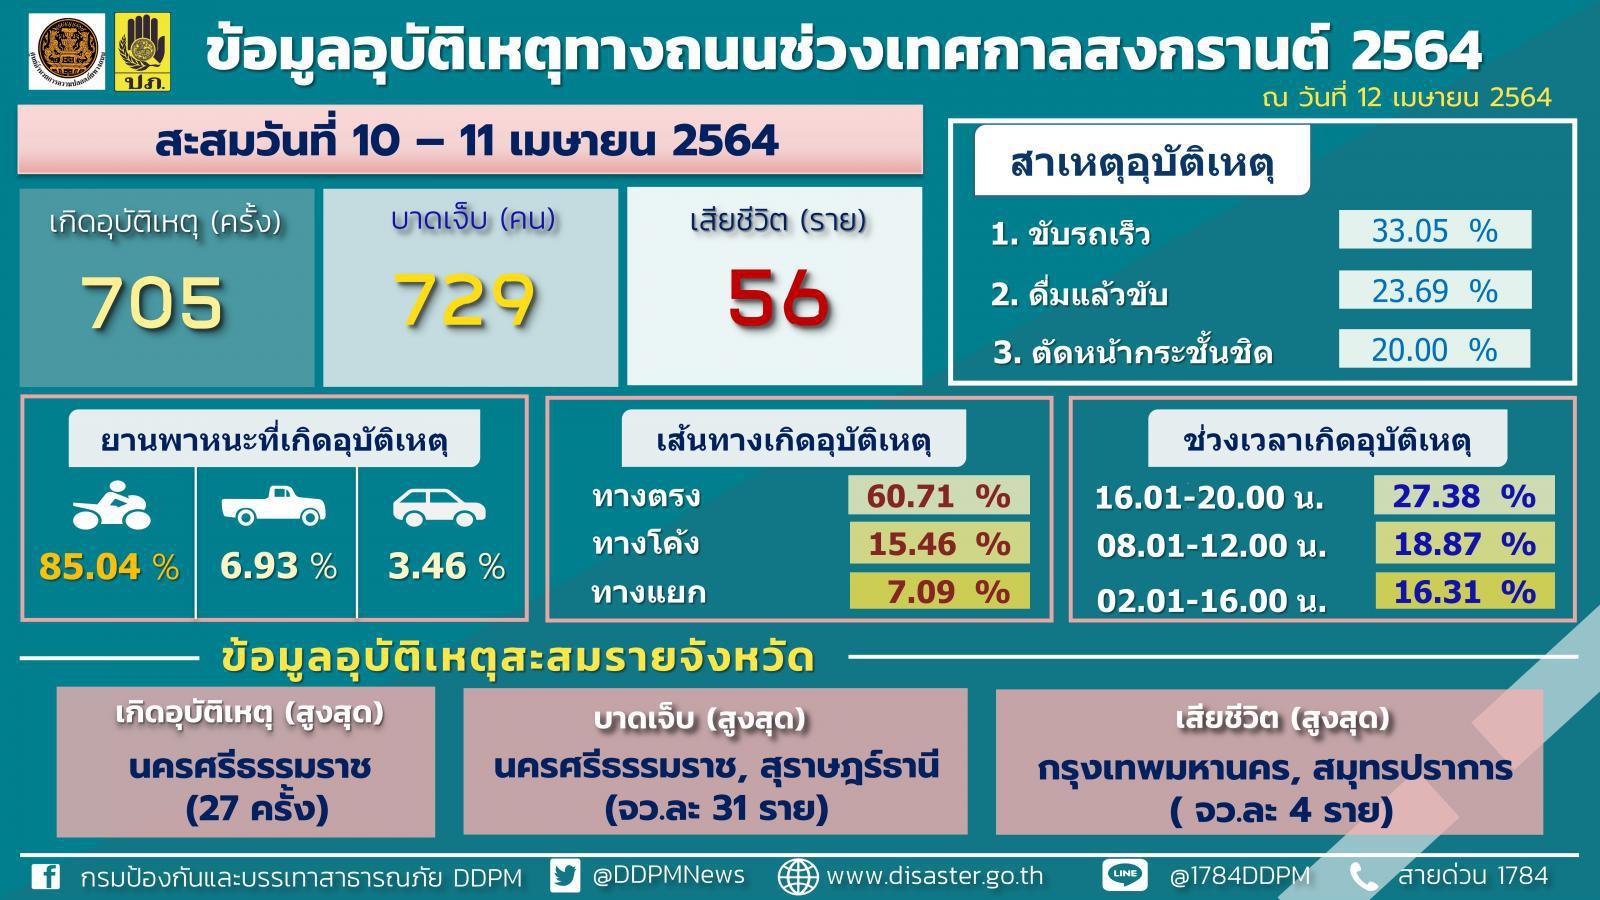 7 วันอันตรายวันที่ 2 เสียชีวิตรวม 56 บาดเจ็บ 729 ราย